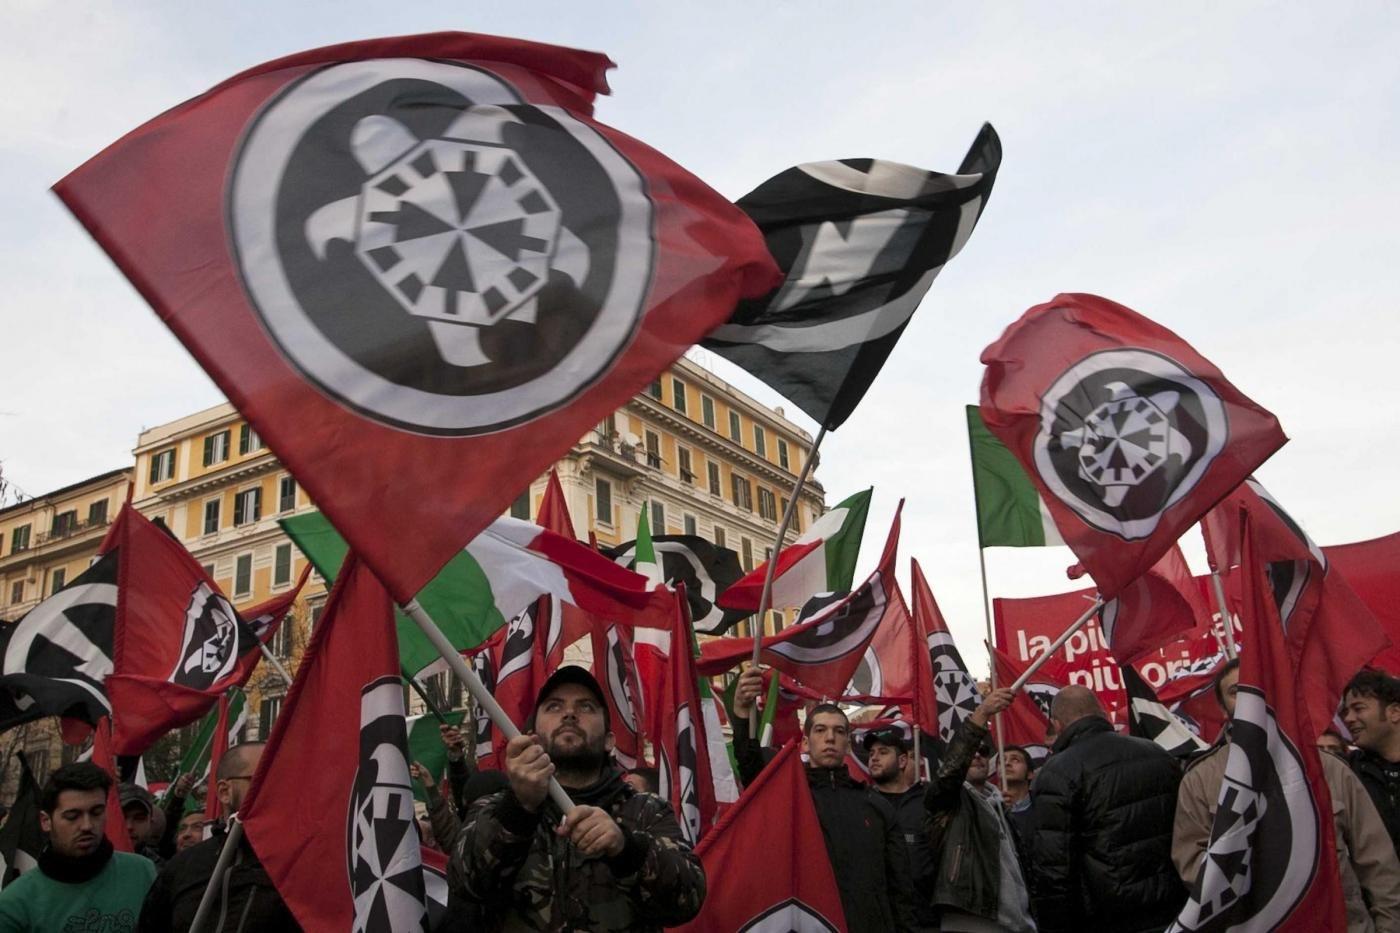 Tensione tra CasaPoud e collettivi in centro a Napoli